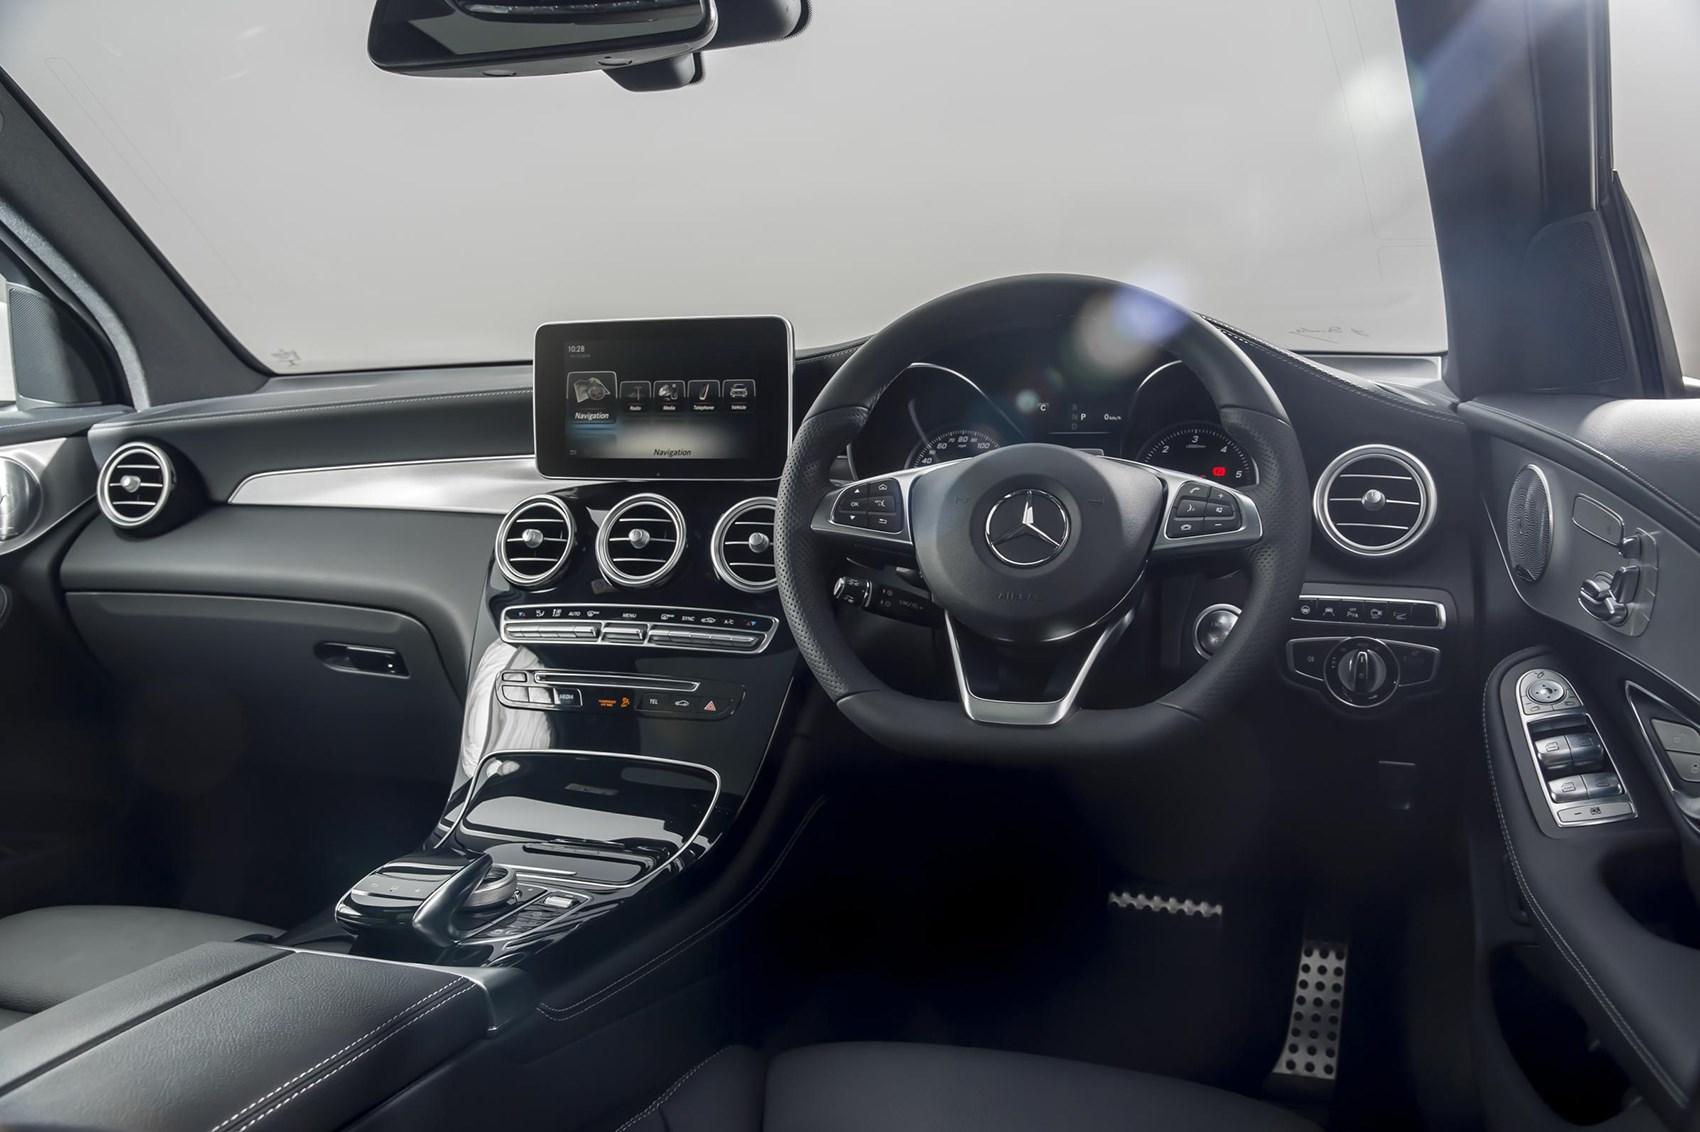 Mercedes-Benz GLC 350d SUV interior and cabin